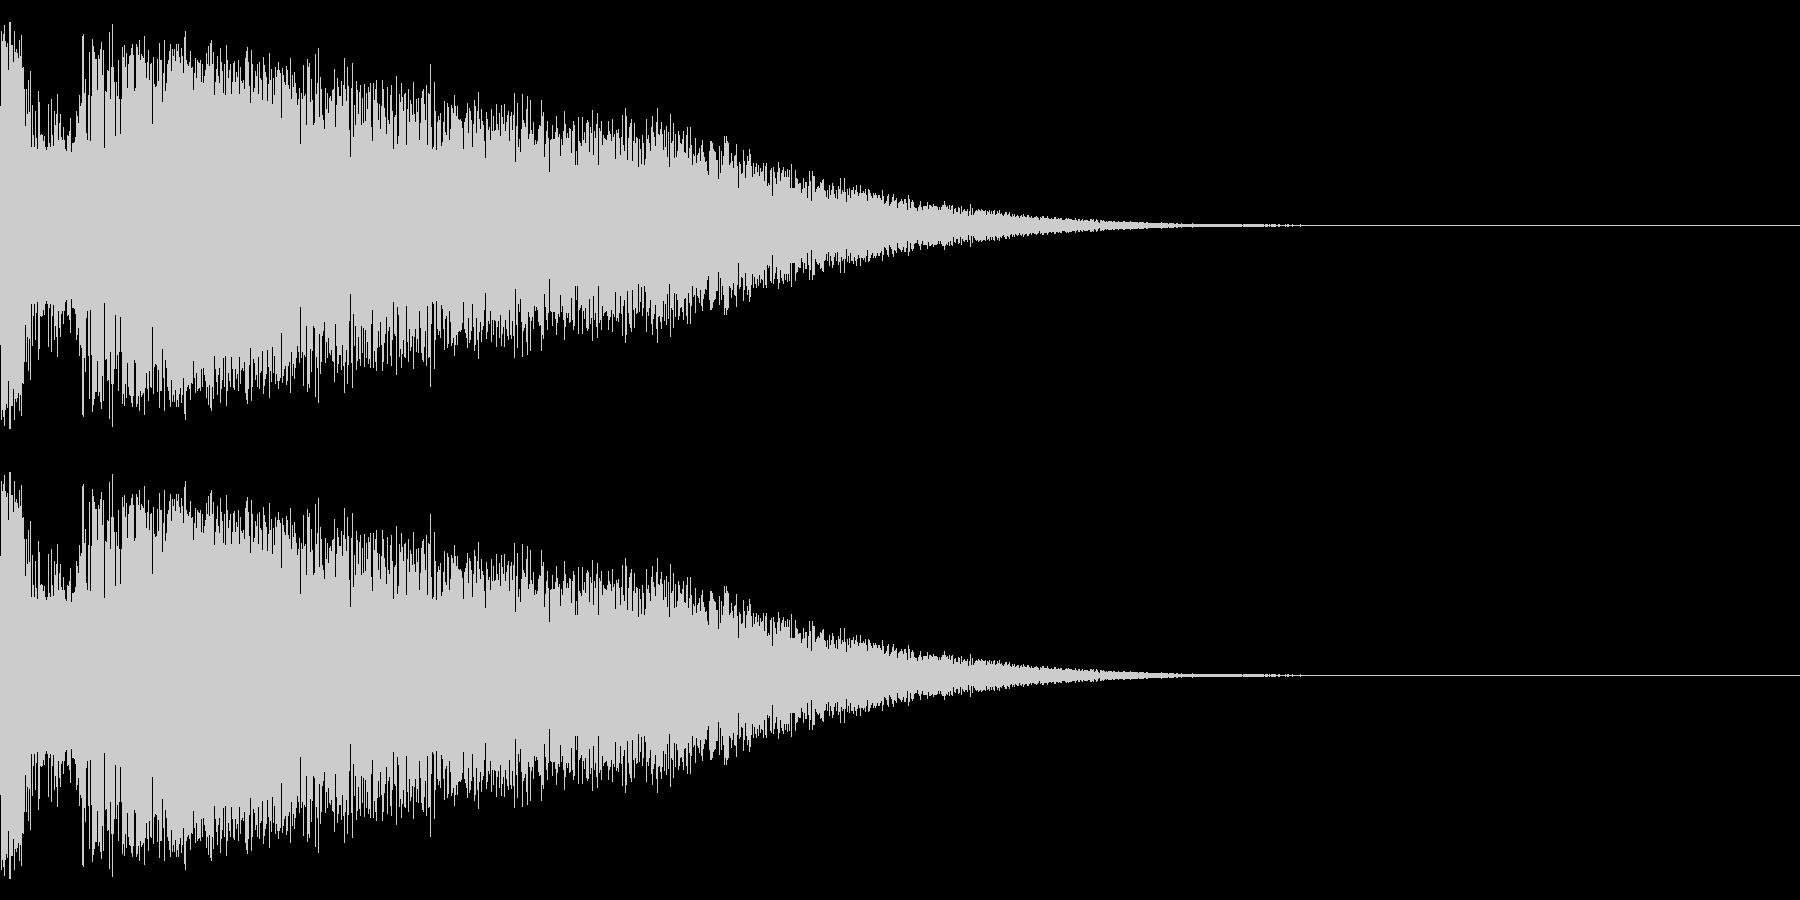 小規模な爆発またはミサイルなどの発射音の未再生の波形